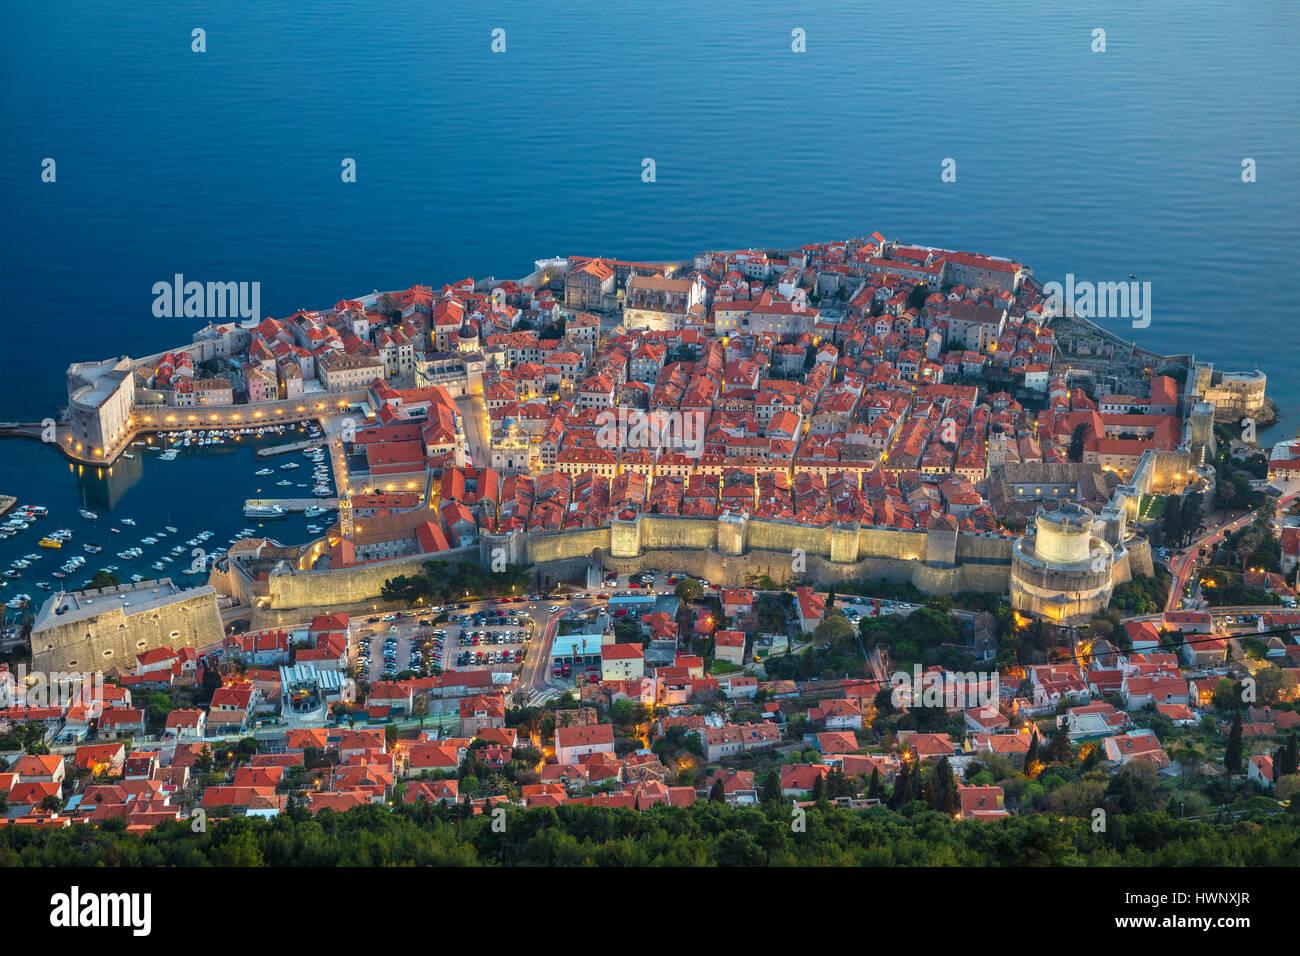 Dubrovnik, Croacia. Bonito y romántico casco antiguo de Dubrovnik durante la puesta de sol. Foto de stock